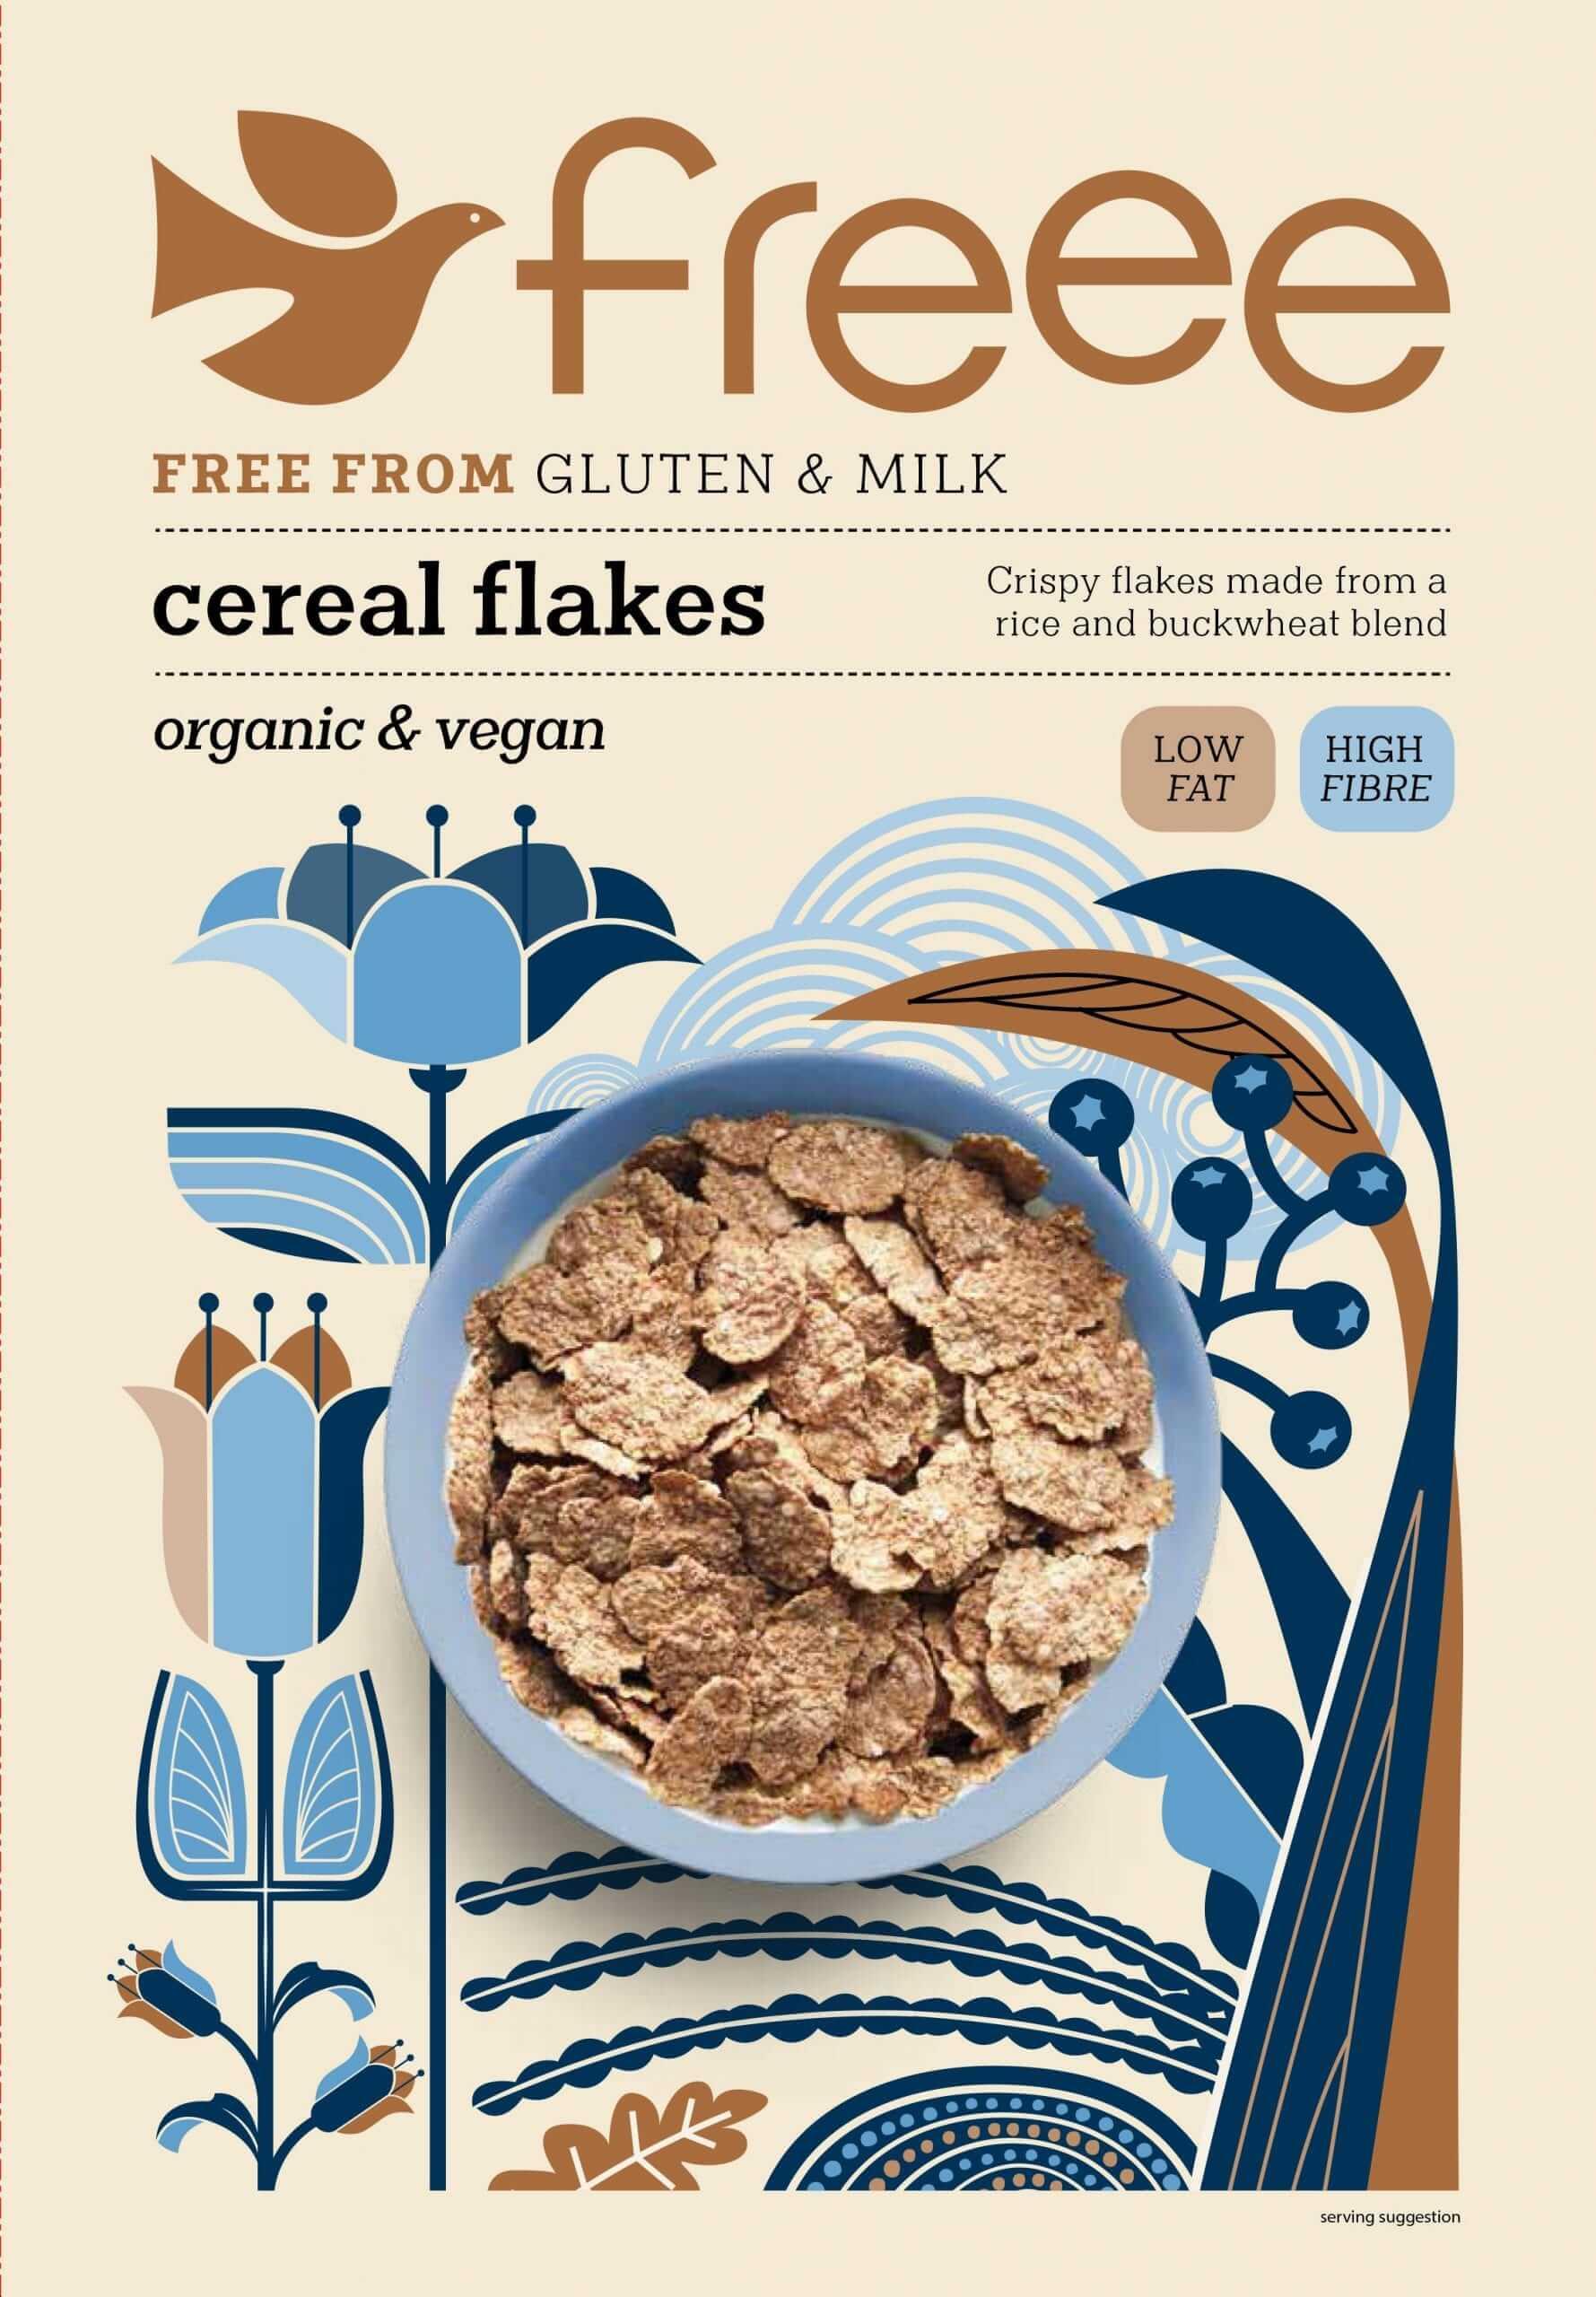 דגני בוקר פתיתי אורז וכוסמת קלויים ללא גלוטן – FREEE